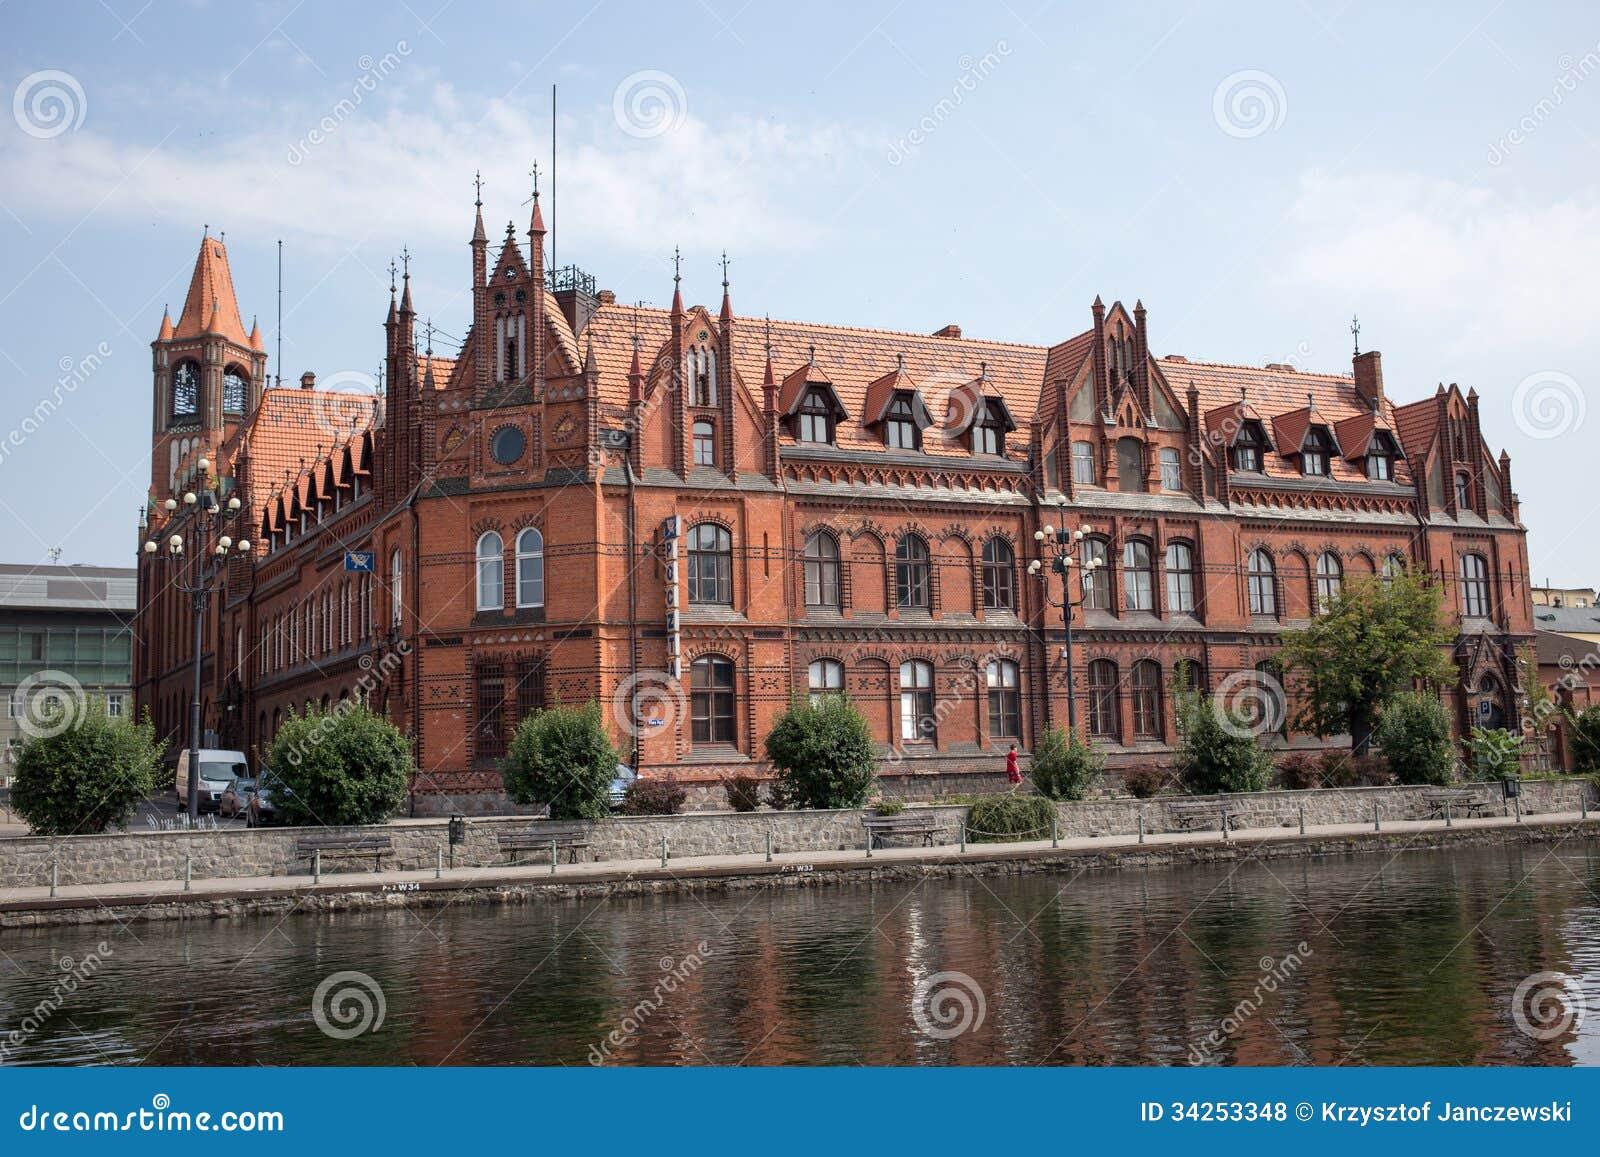 Bydgoszcz Poland  city photos : BYDGOSZCZ. POLAND JULY 27: City in Kuyavia Kujawy region. Old post ...